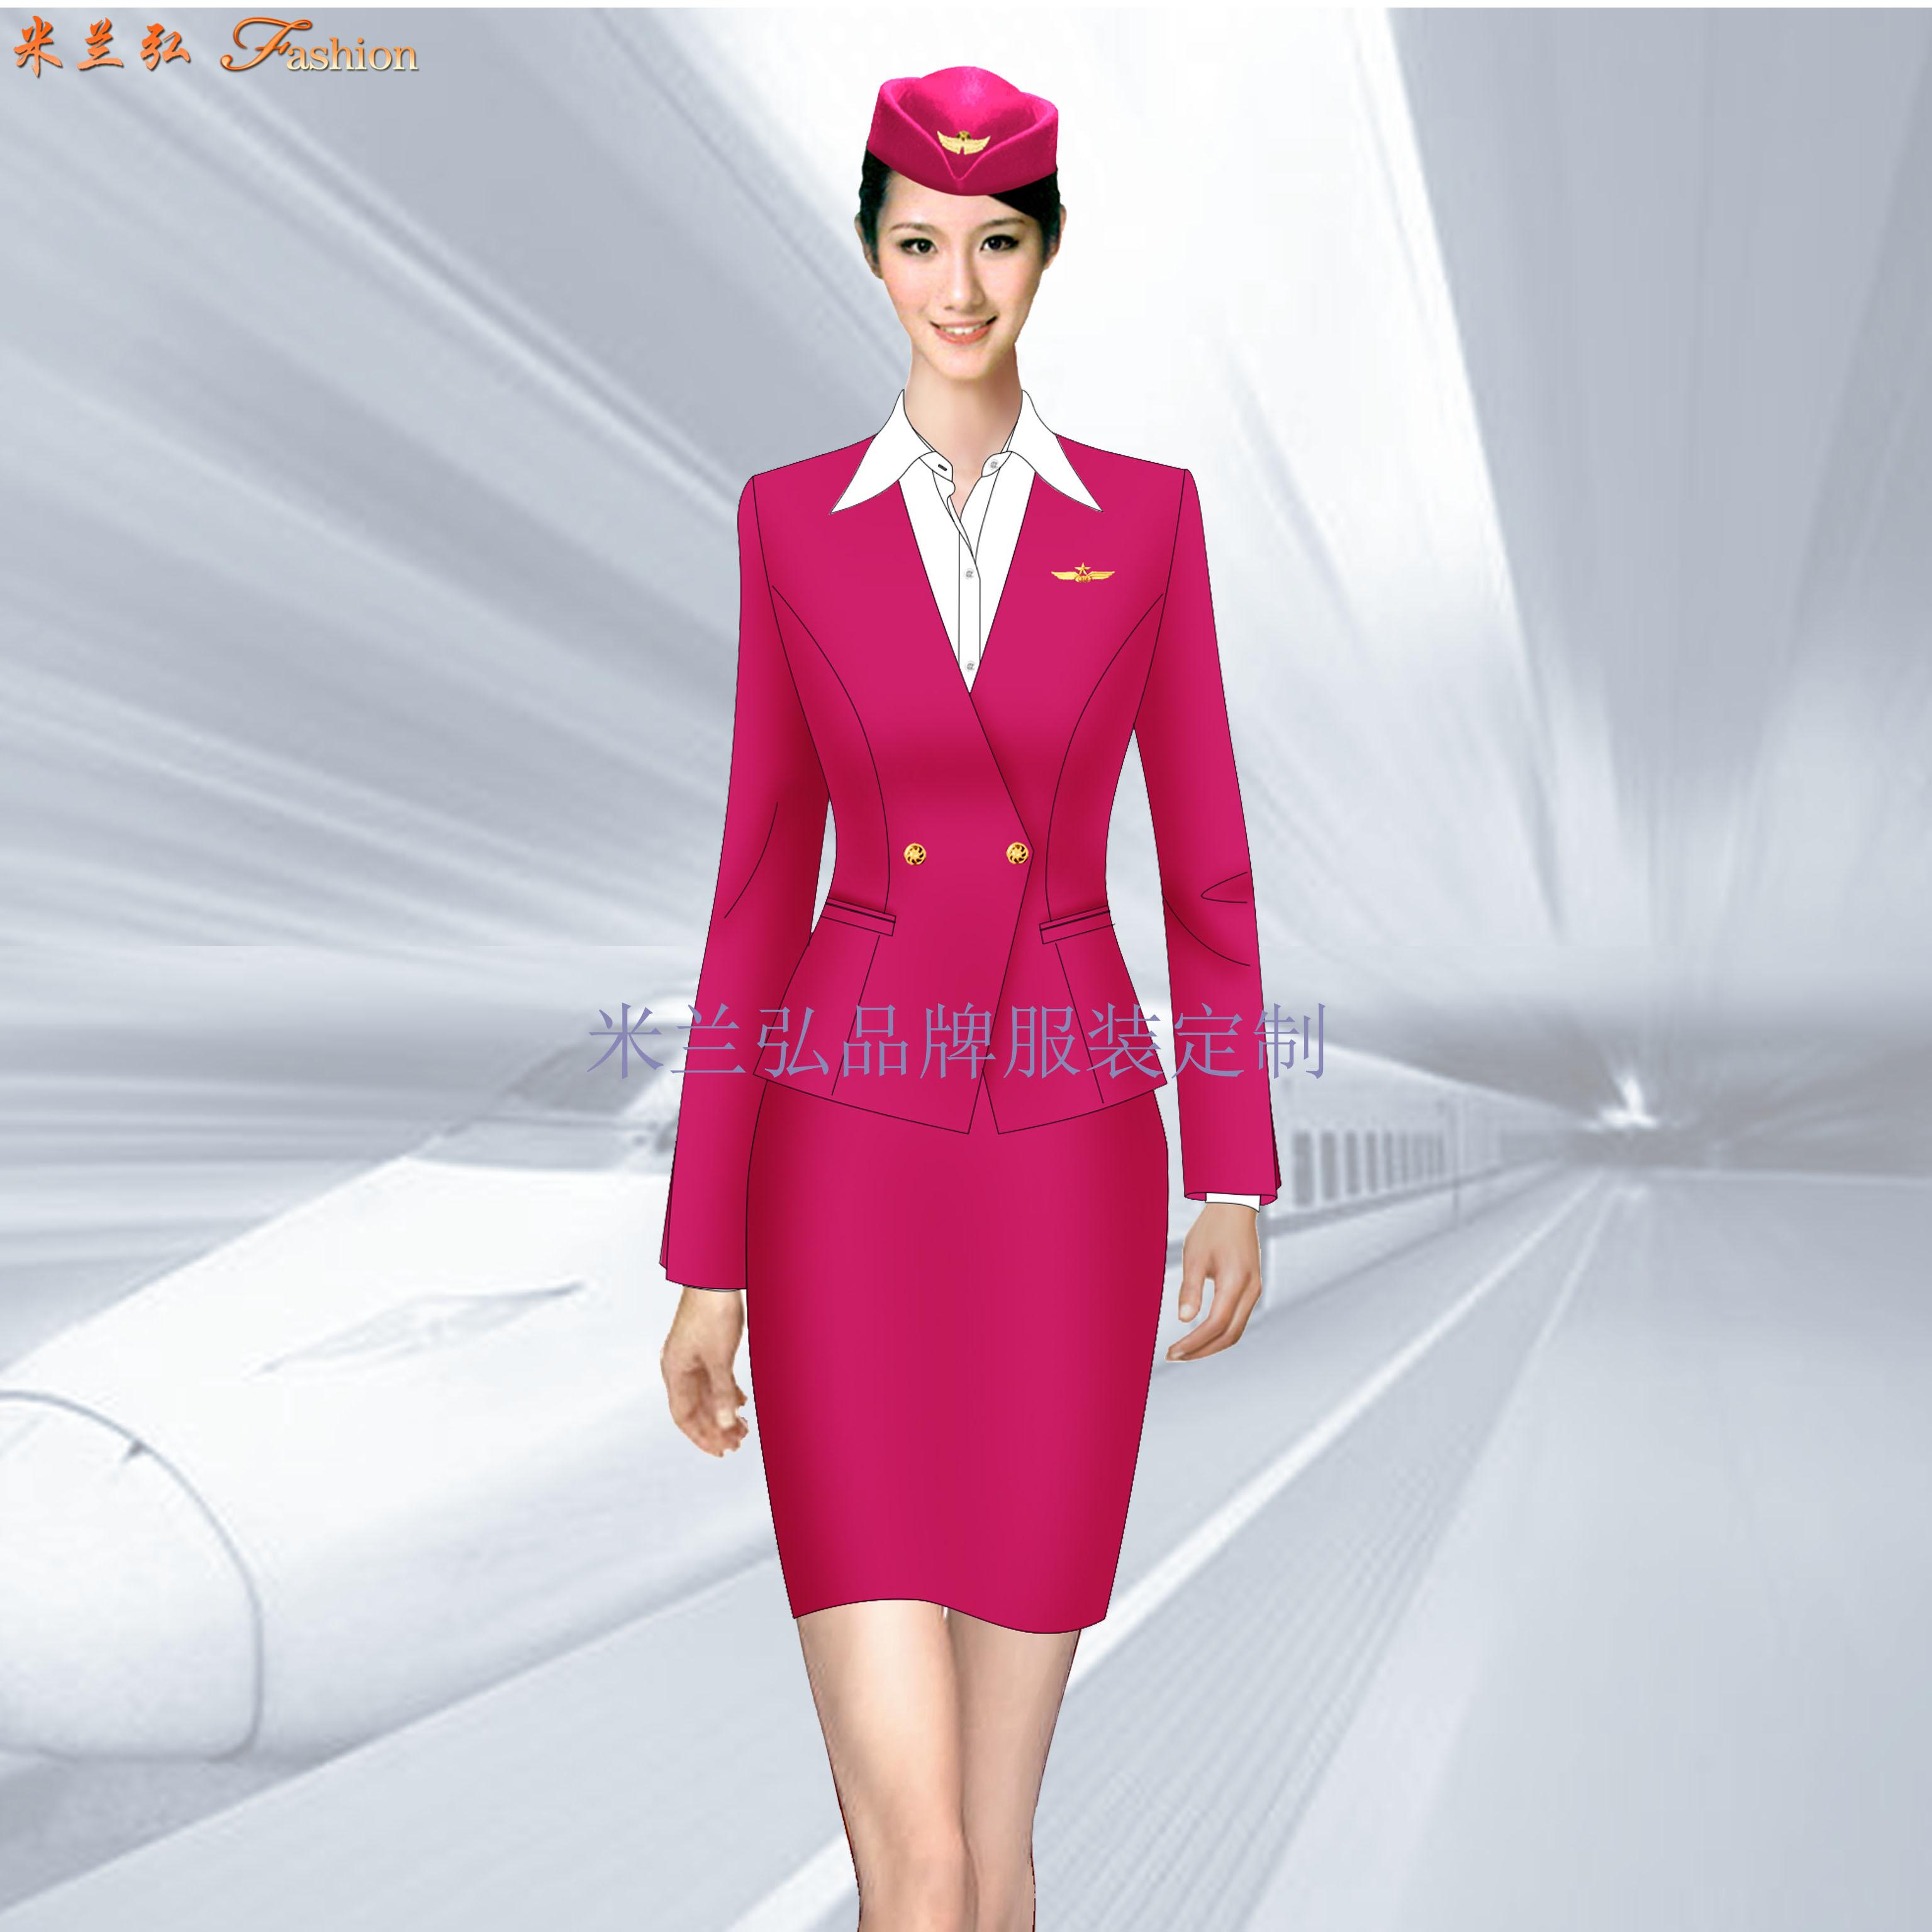 高鐵衣服價格-定做高鐵工作人員服裝-米蘭弘服裝廠家-4